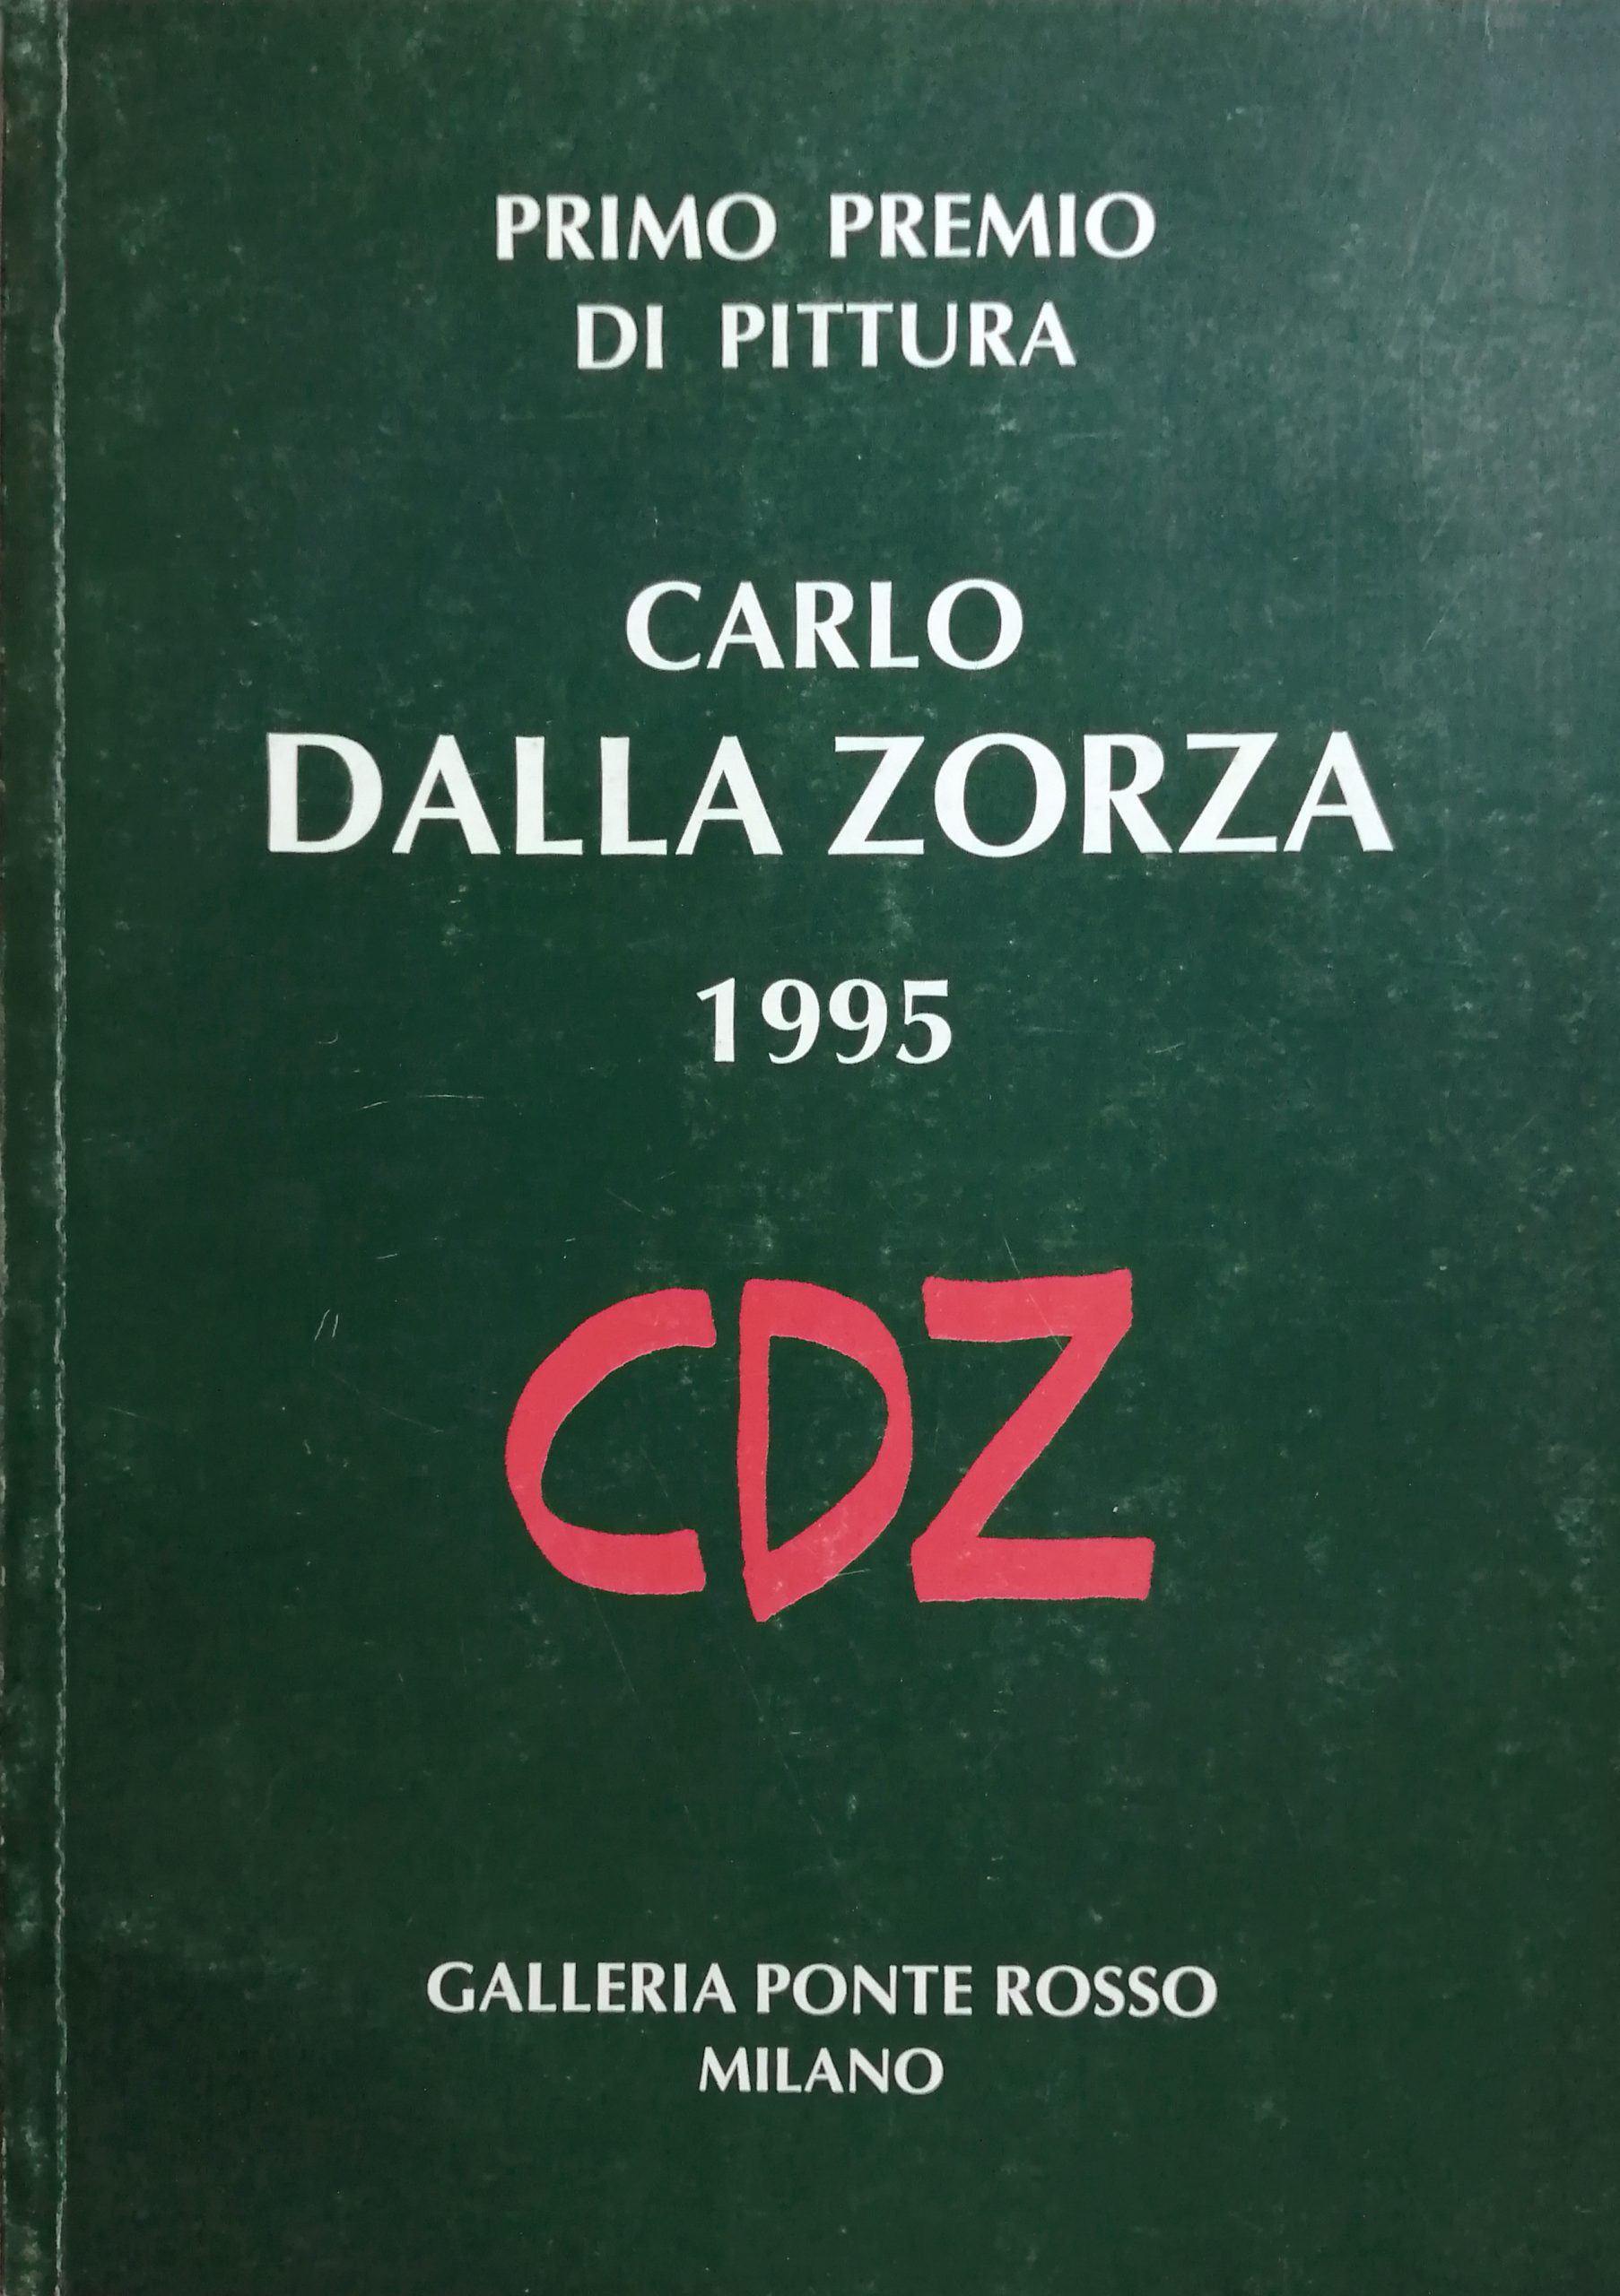 1995 Carlo dalla Zorza Galleria Ponte Rosso Milano scaled - Bibliography/ Catalogues